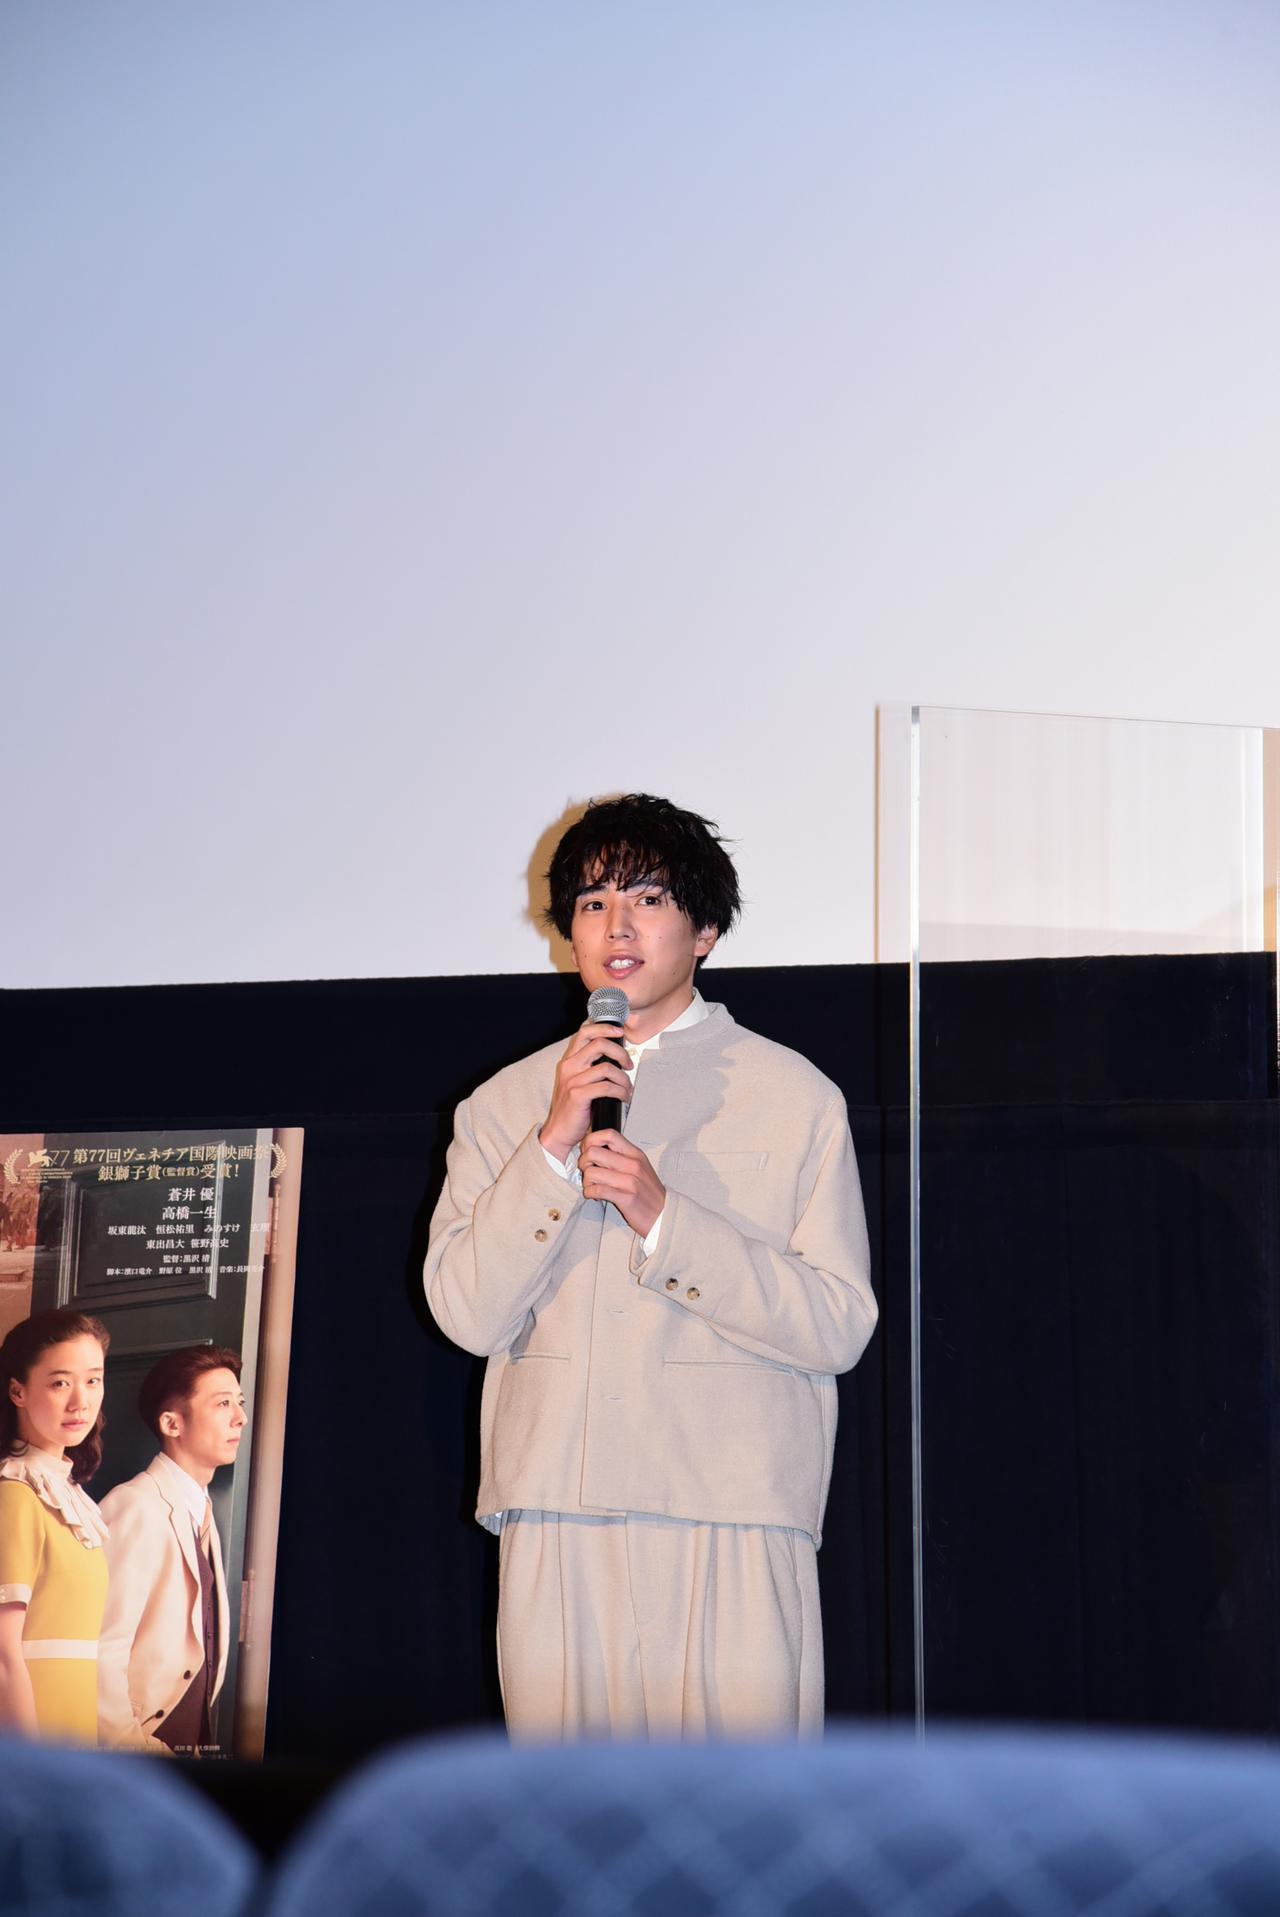 画像5: 「蒼井さんには華がある」「高橋さんは舌を巻くほど上手い!」黒沢監督が俳優陣を次々に大絶賛!『スパイの妻<劇場版>』舞台挨拶登壇レポート